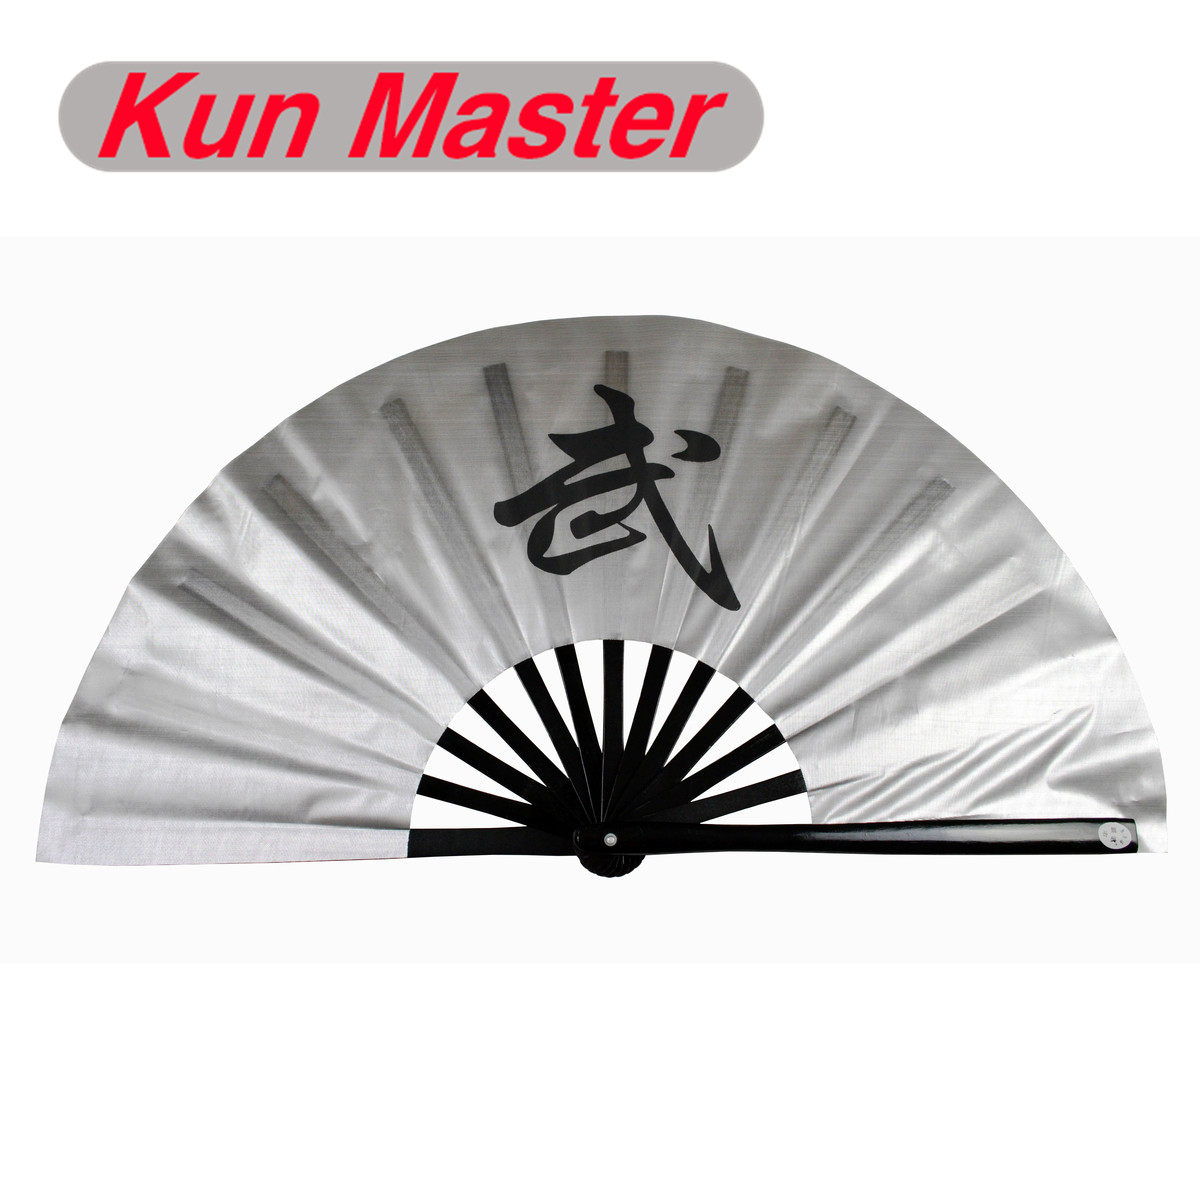 Bamboo Kung Fu Fighting Fan, Martial Arts Practice Performance Fan,Wu Shu Fan, China Word Kung Fu (silver)